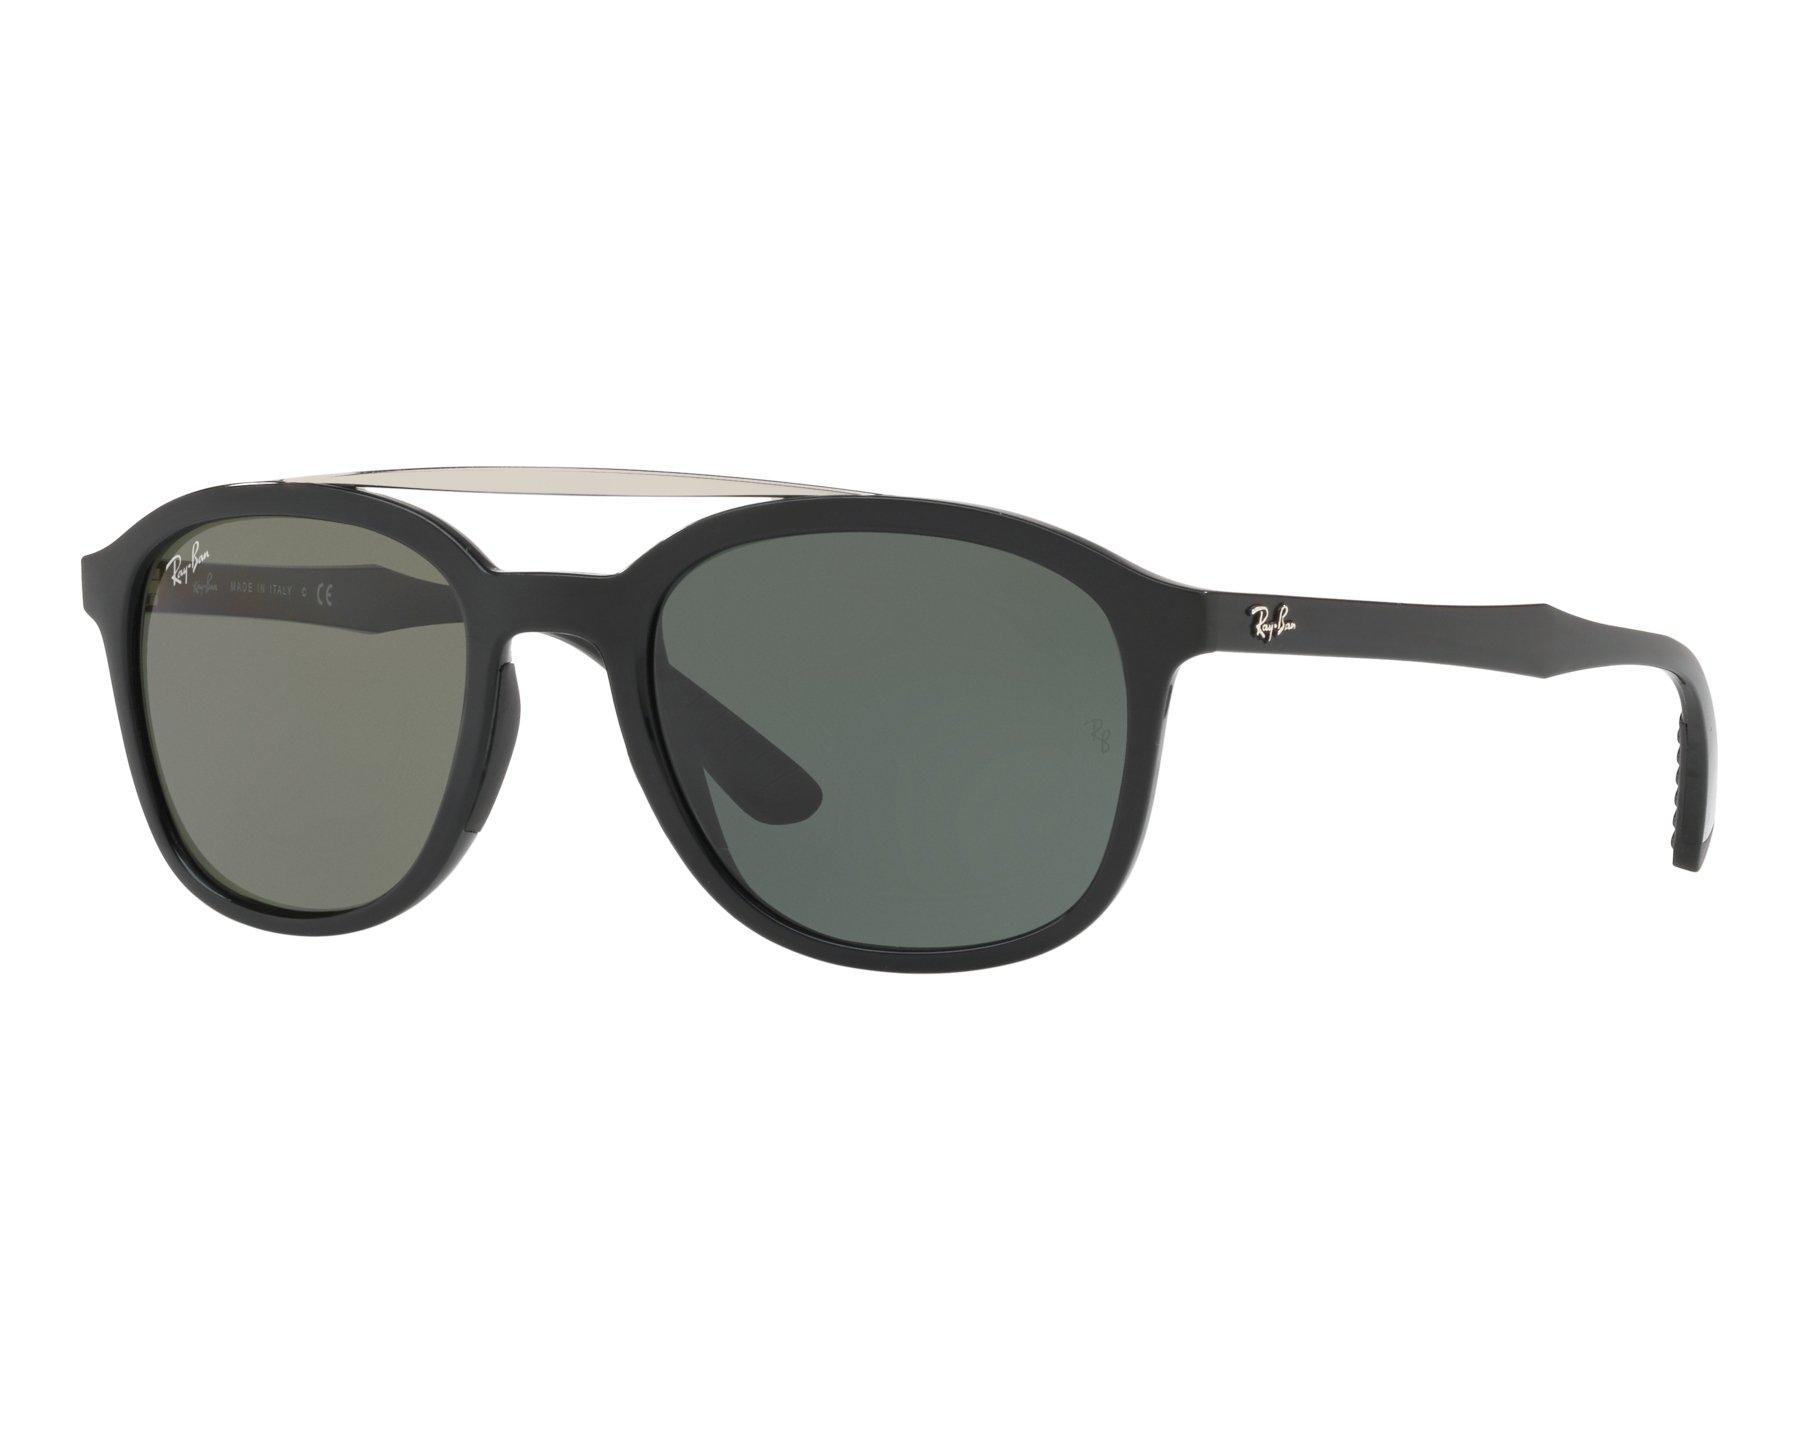 RAY BAN RAY-BAN Herren Sonnenbrille » RB4290«, schwarz, 601S55 - schwarz/blau